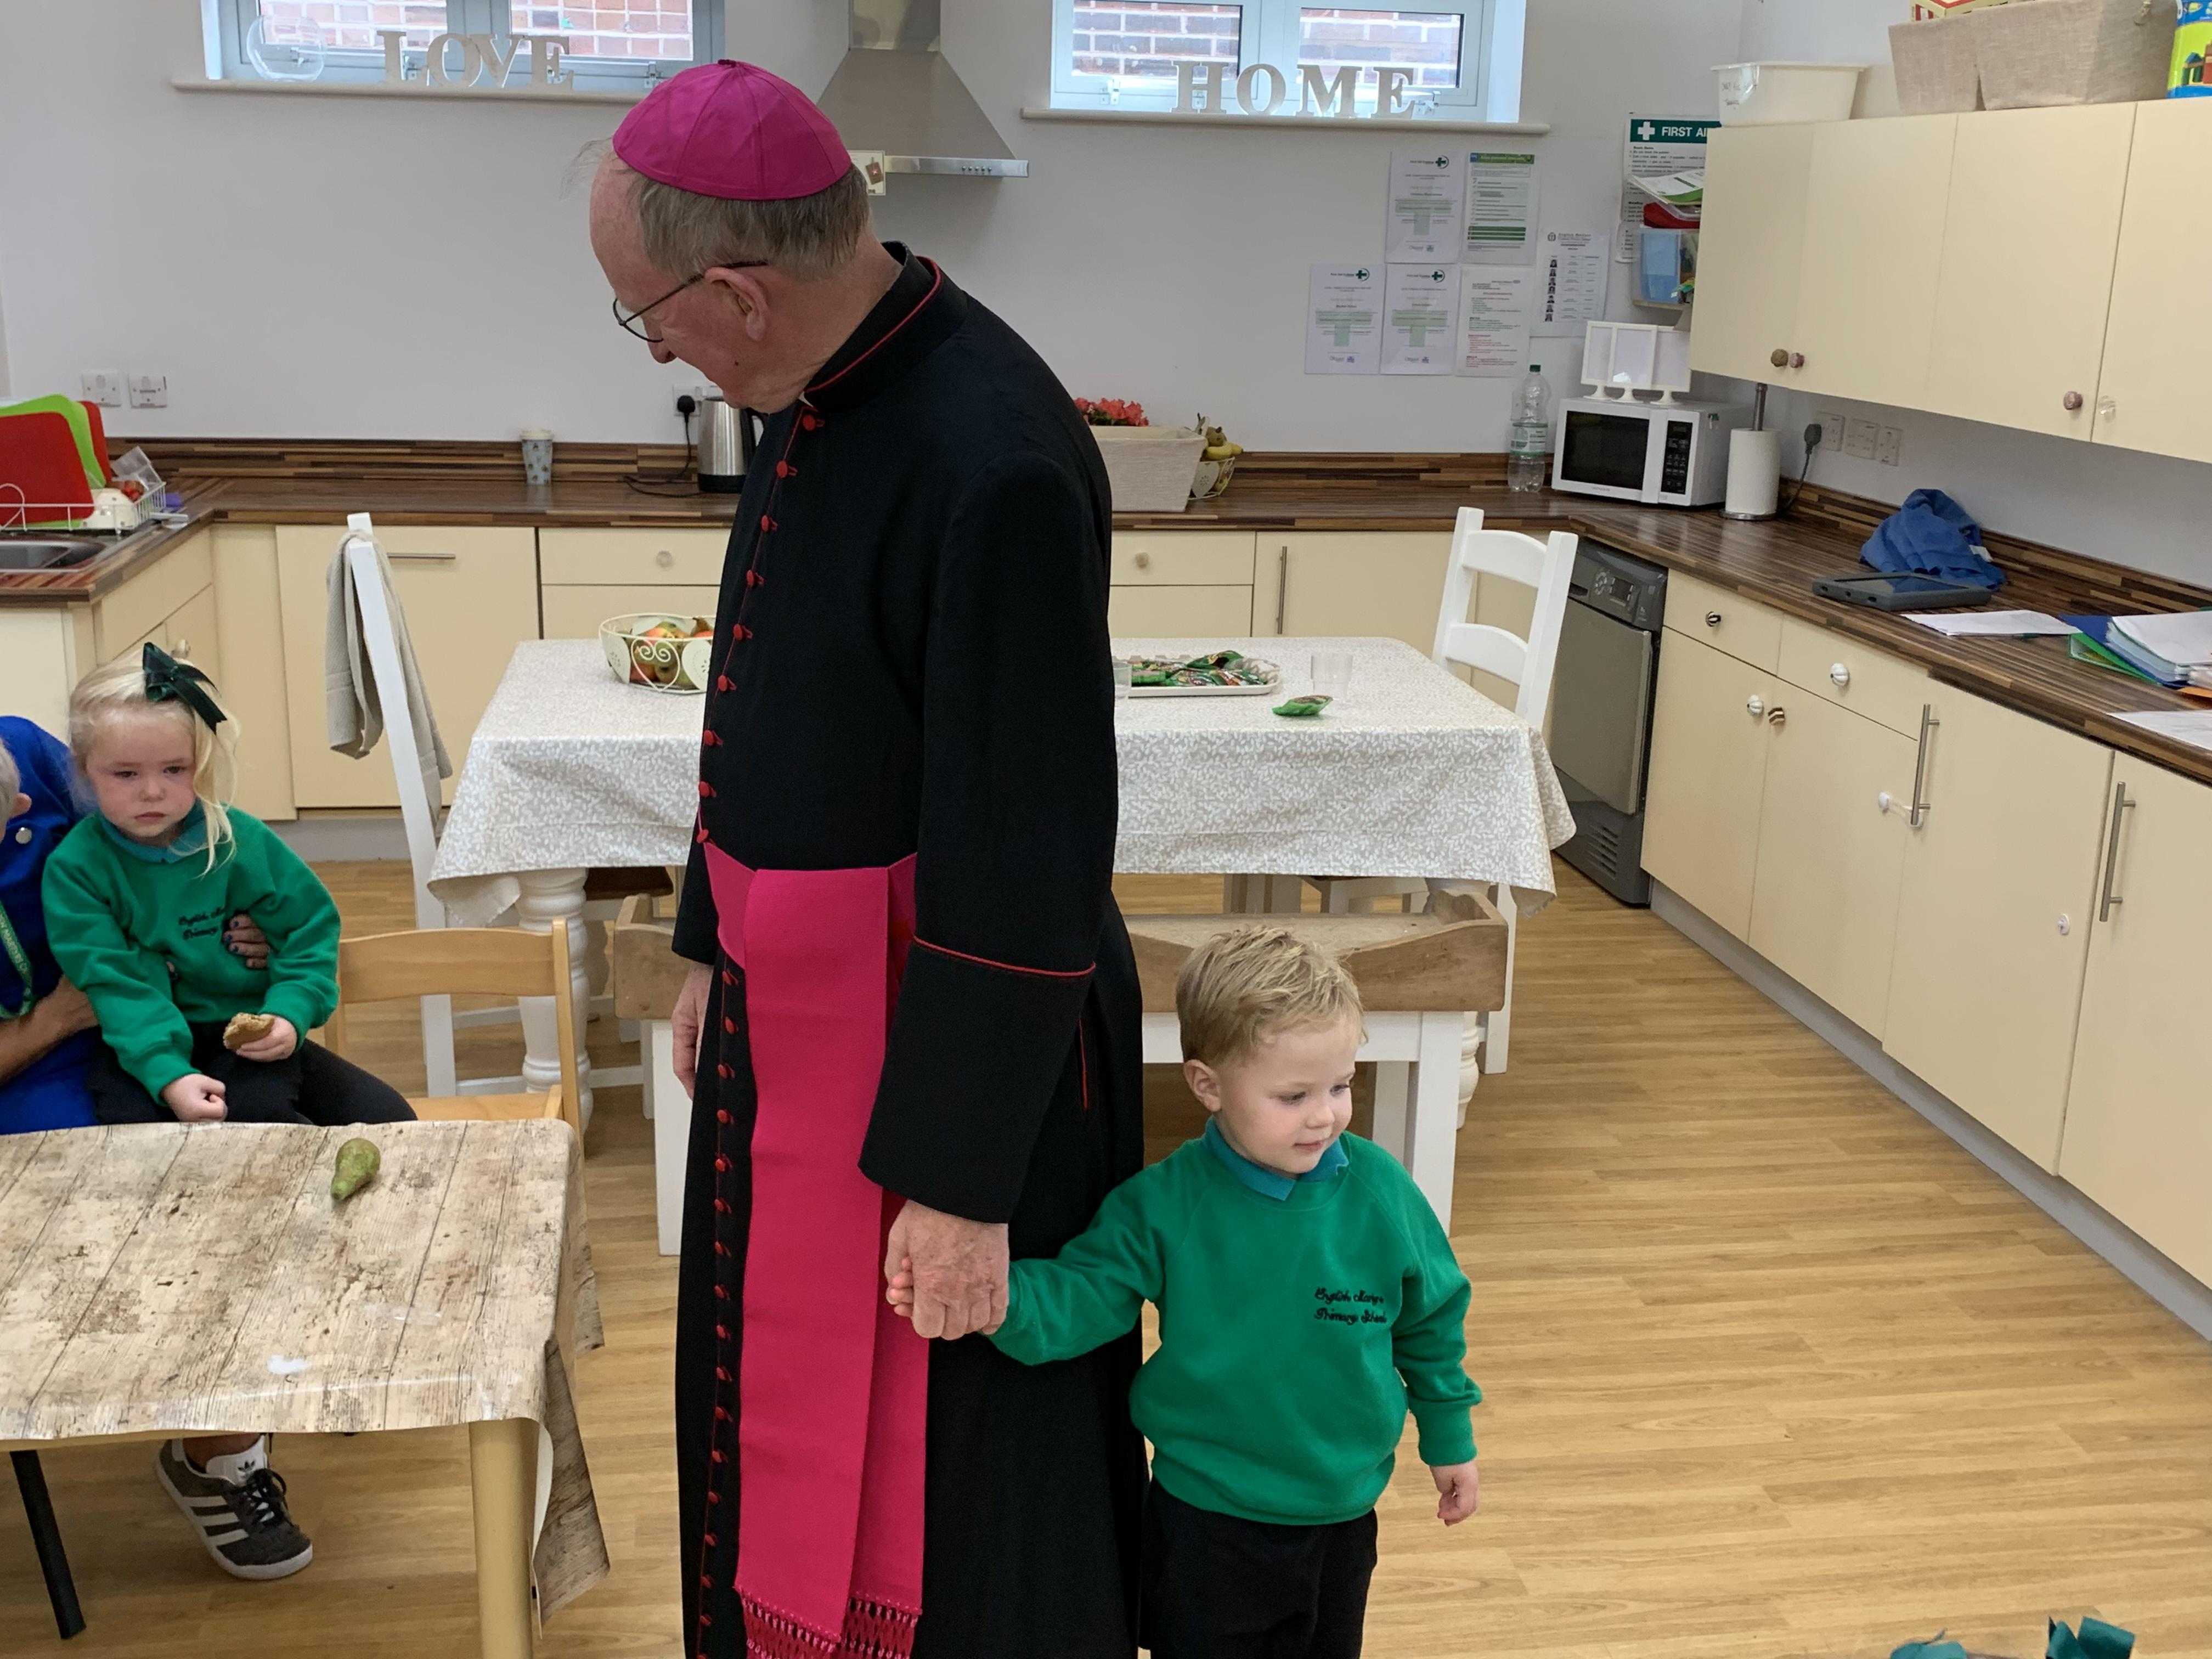 Bishop Tom Visits!